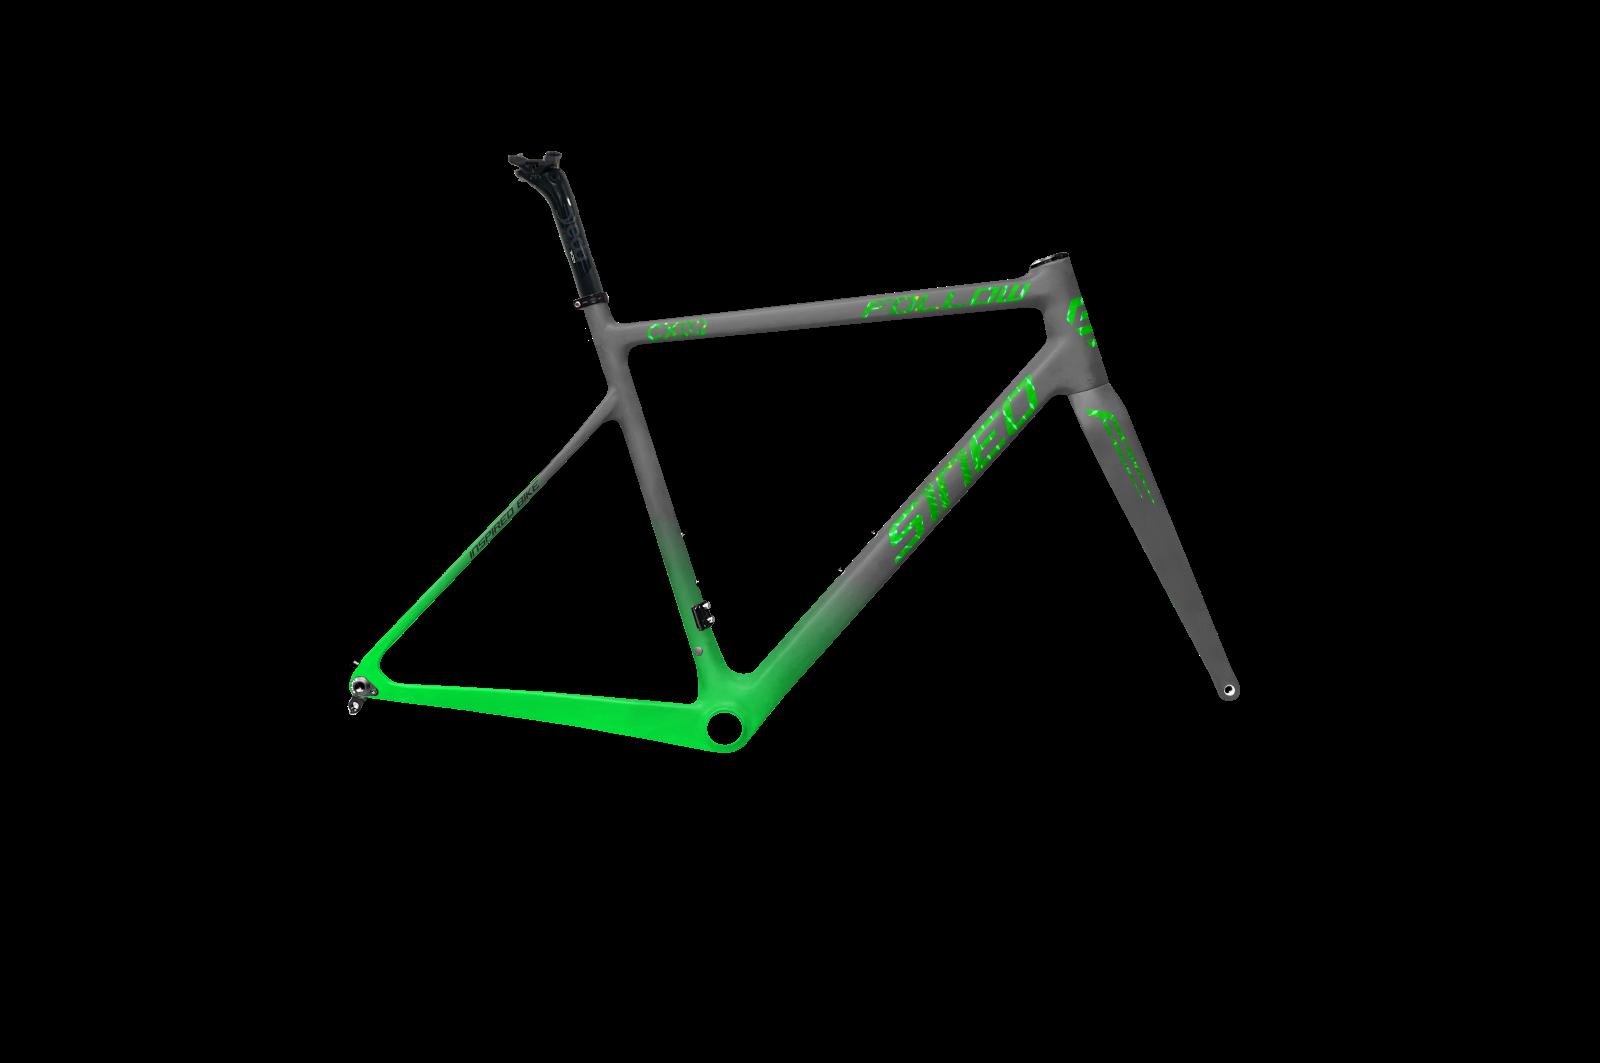 CX02 Follow Green Motion